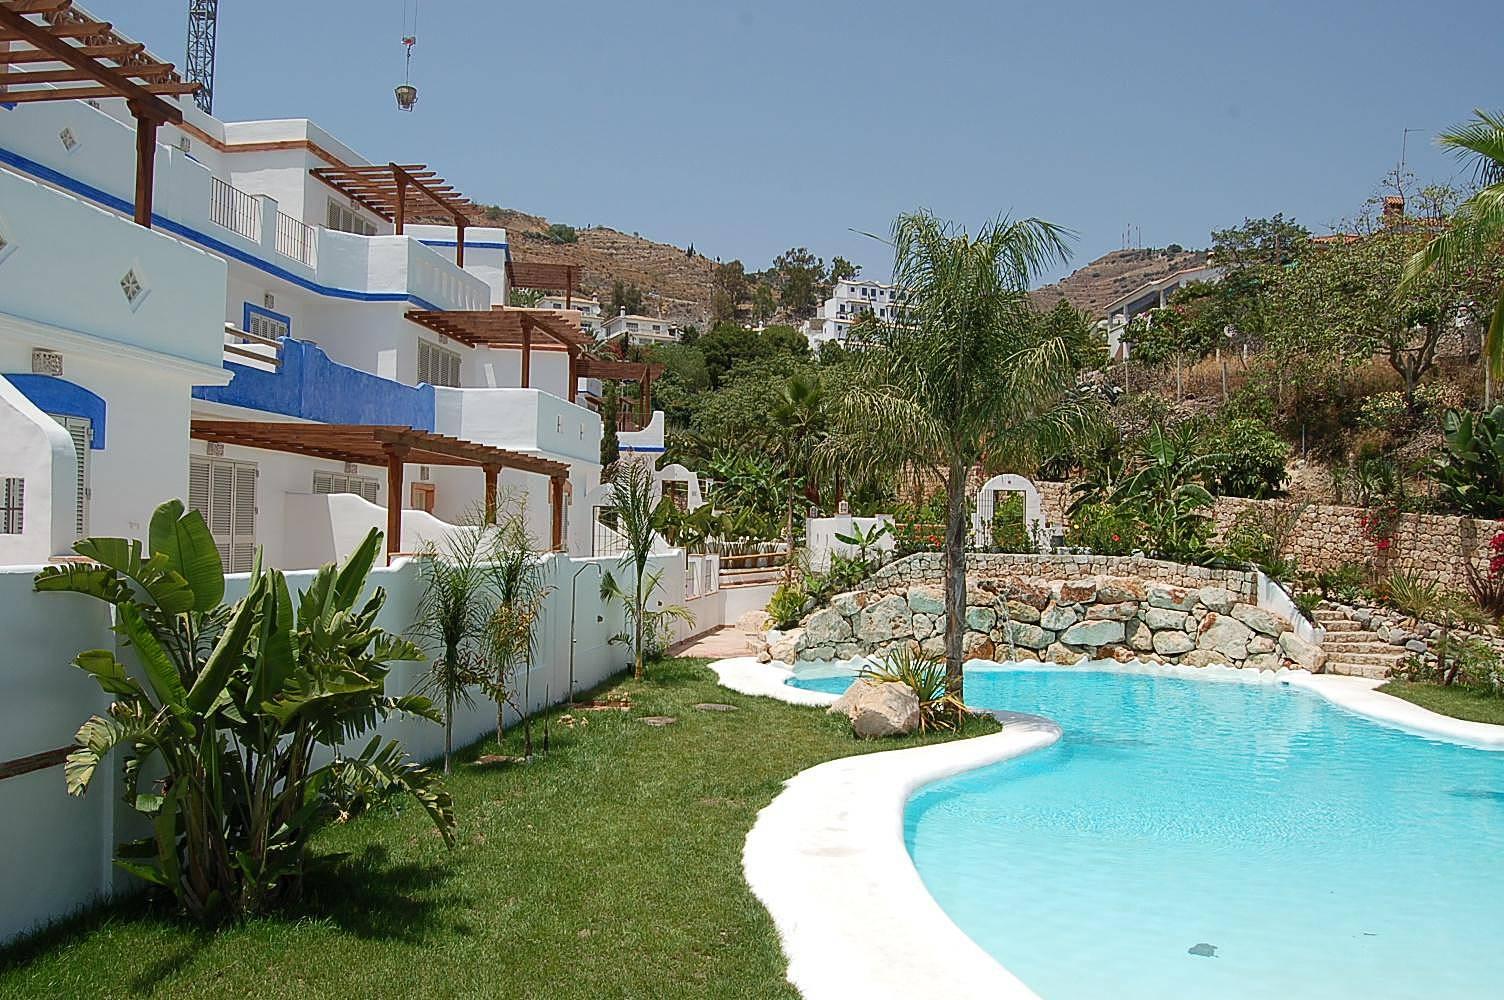 Apartamento en alquiler a 300 m de la playa almu car granada costa tropical - Apartamentos en granada playa ...